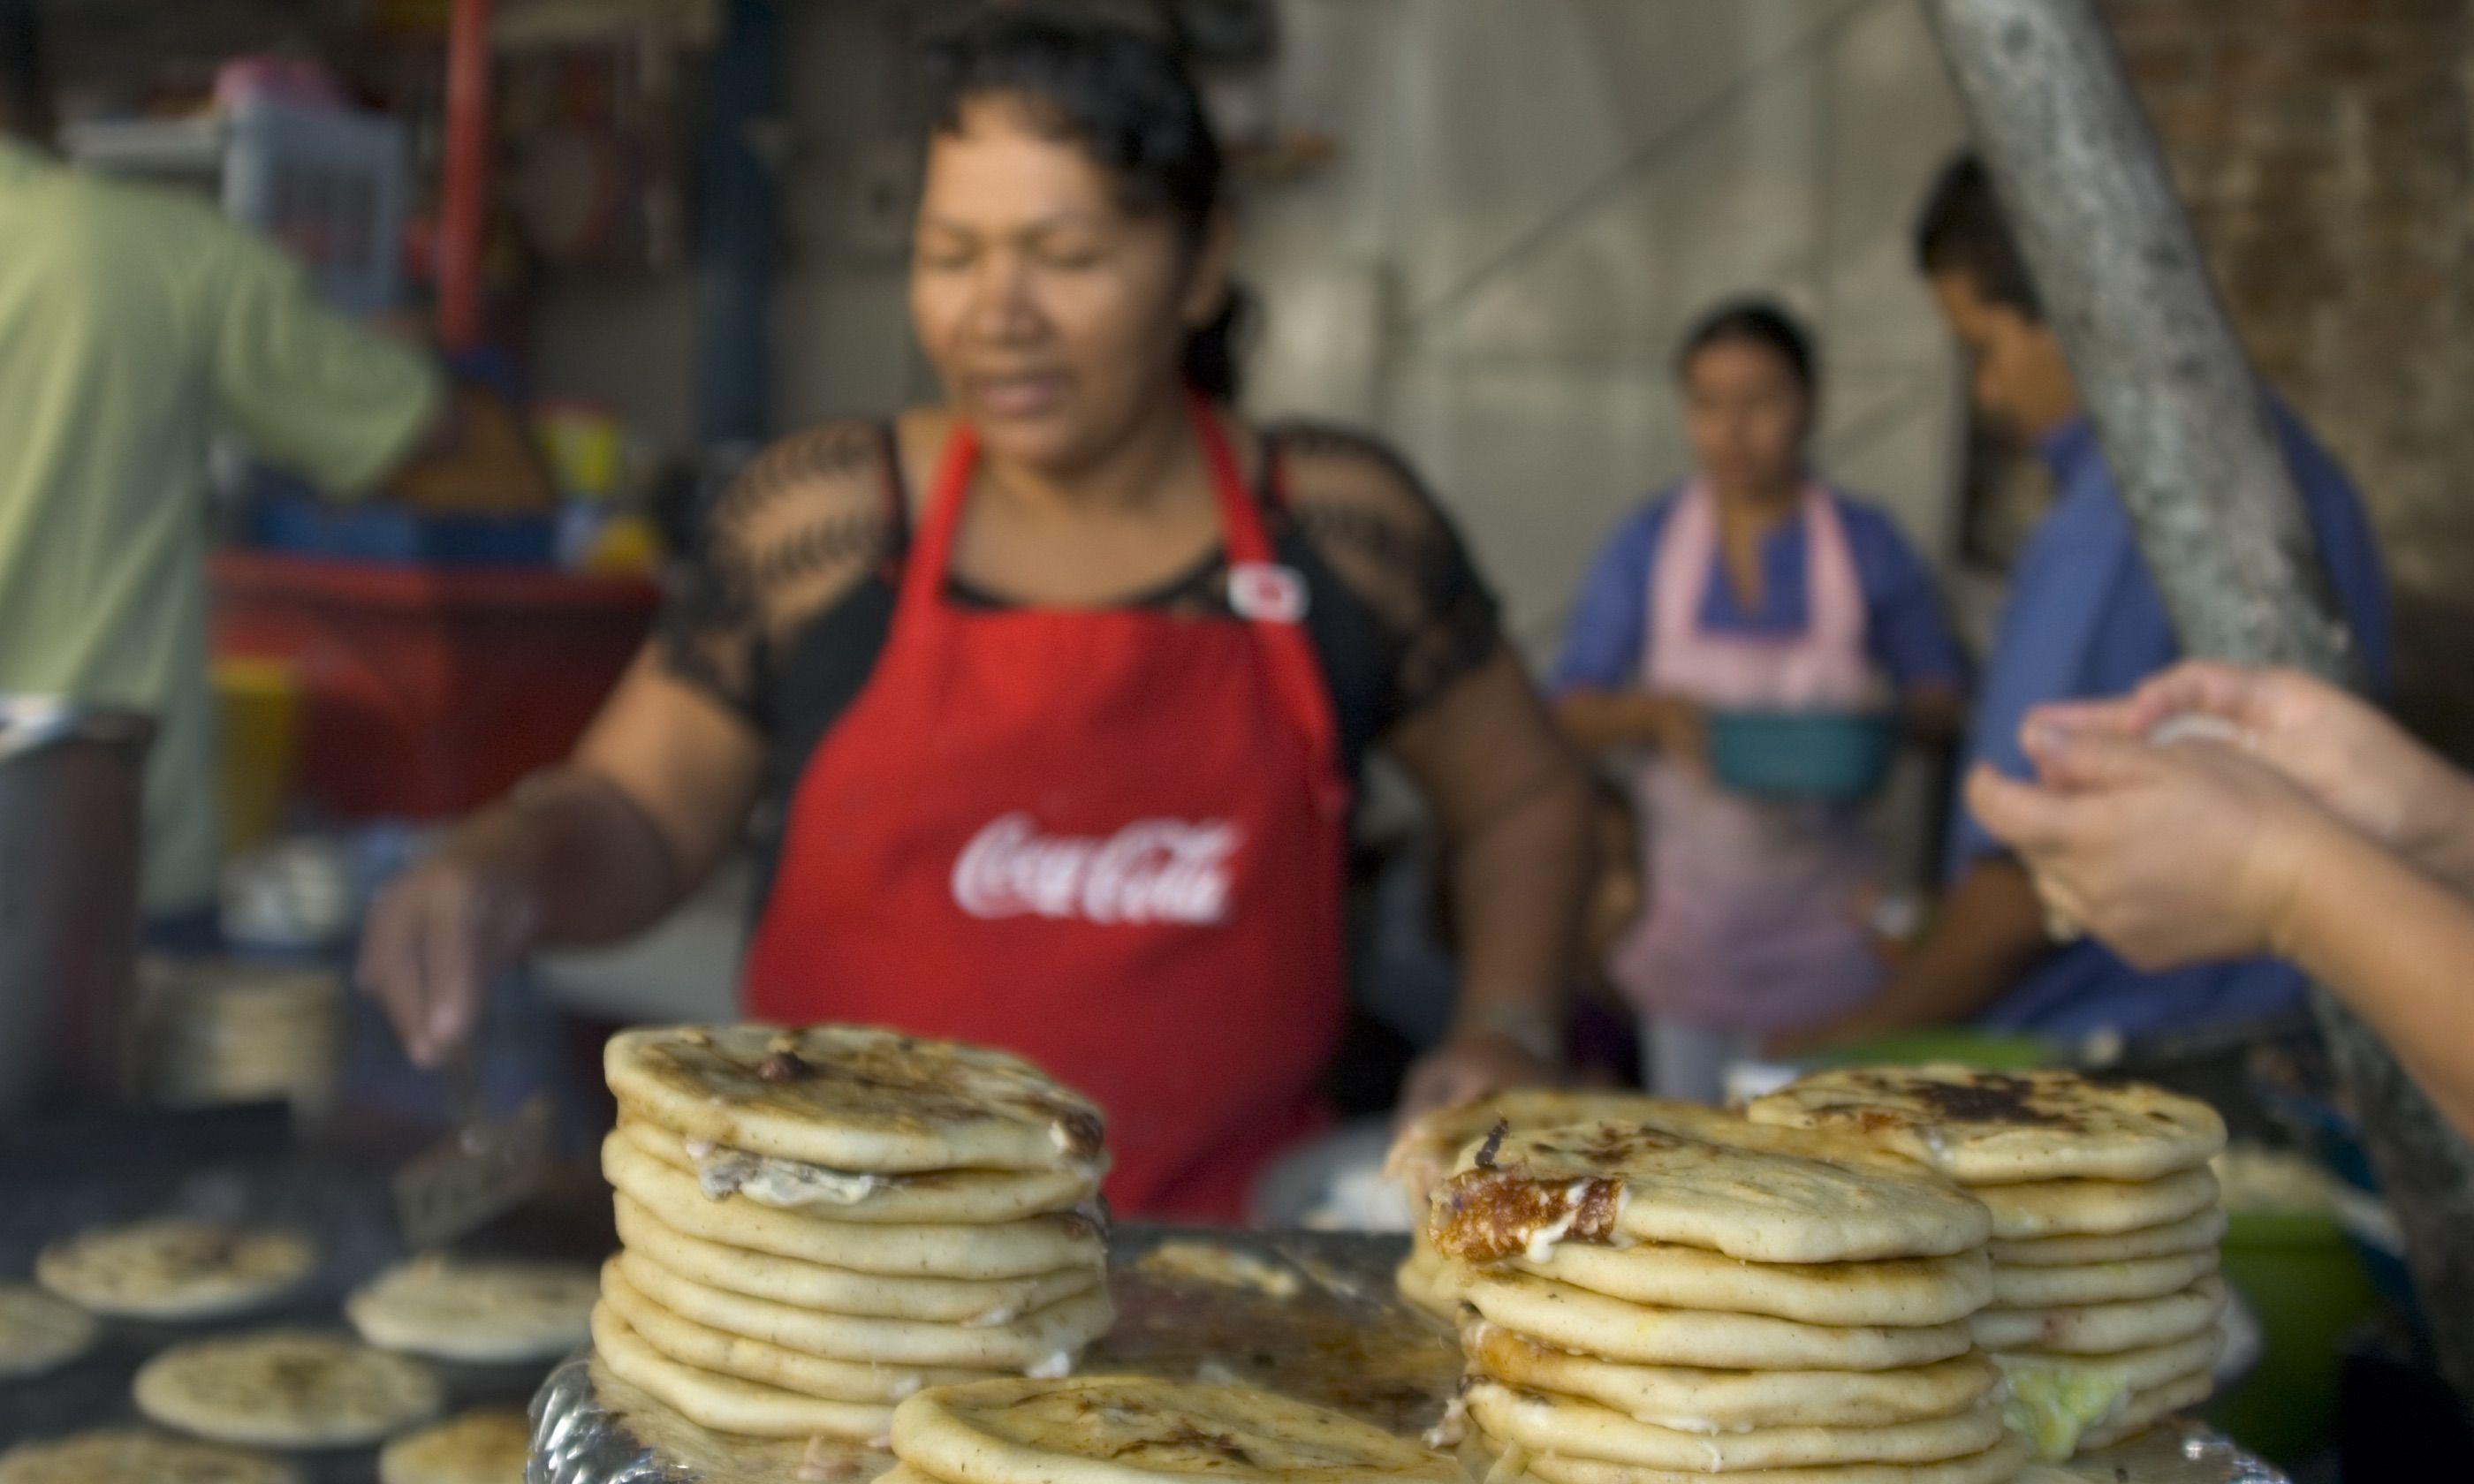 Pupusa seller (Shutterstock.com)